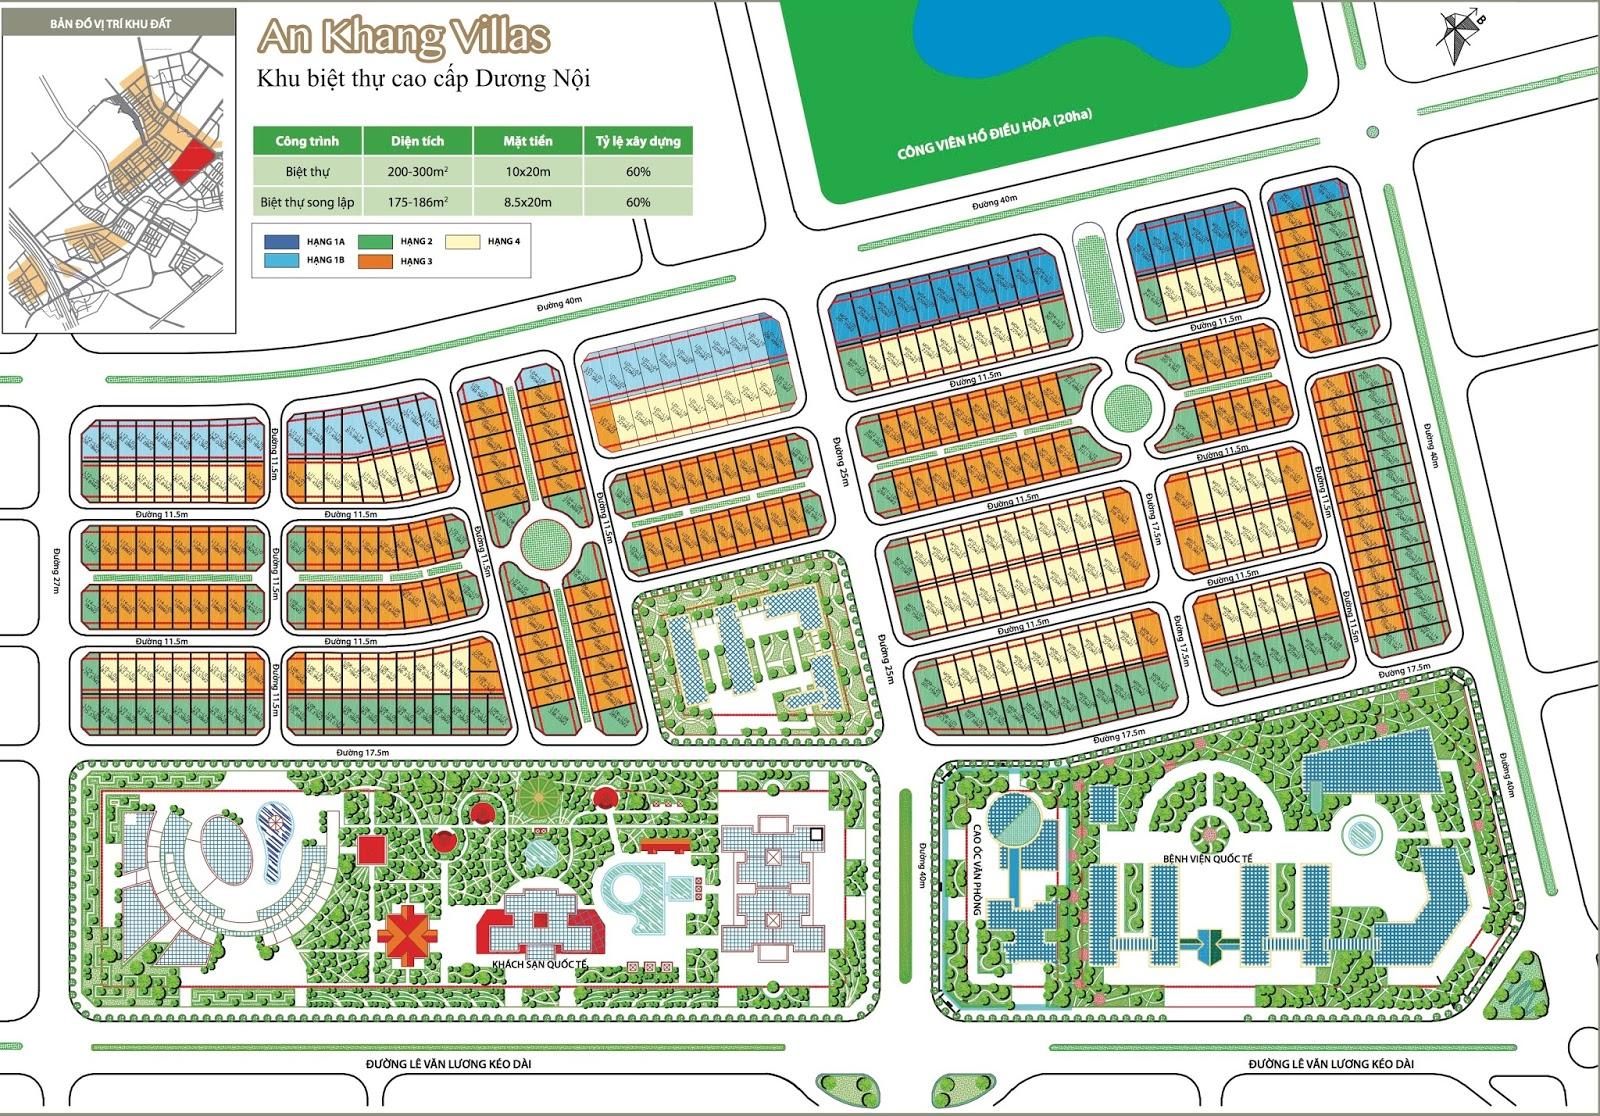 Sơ đồ phân lô biệt thự An Khang Villa Dương Nội